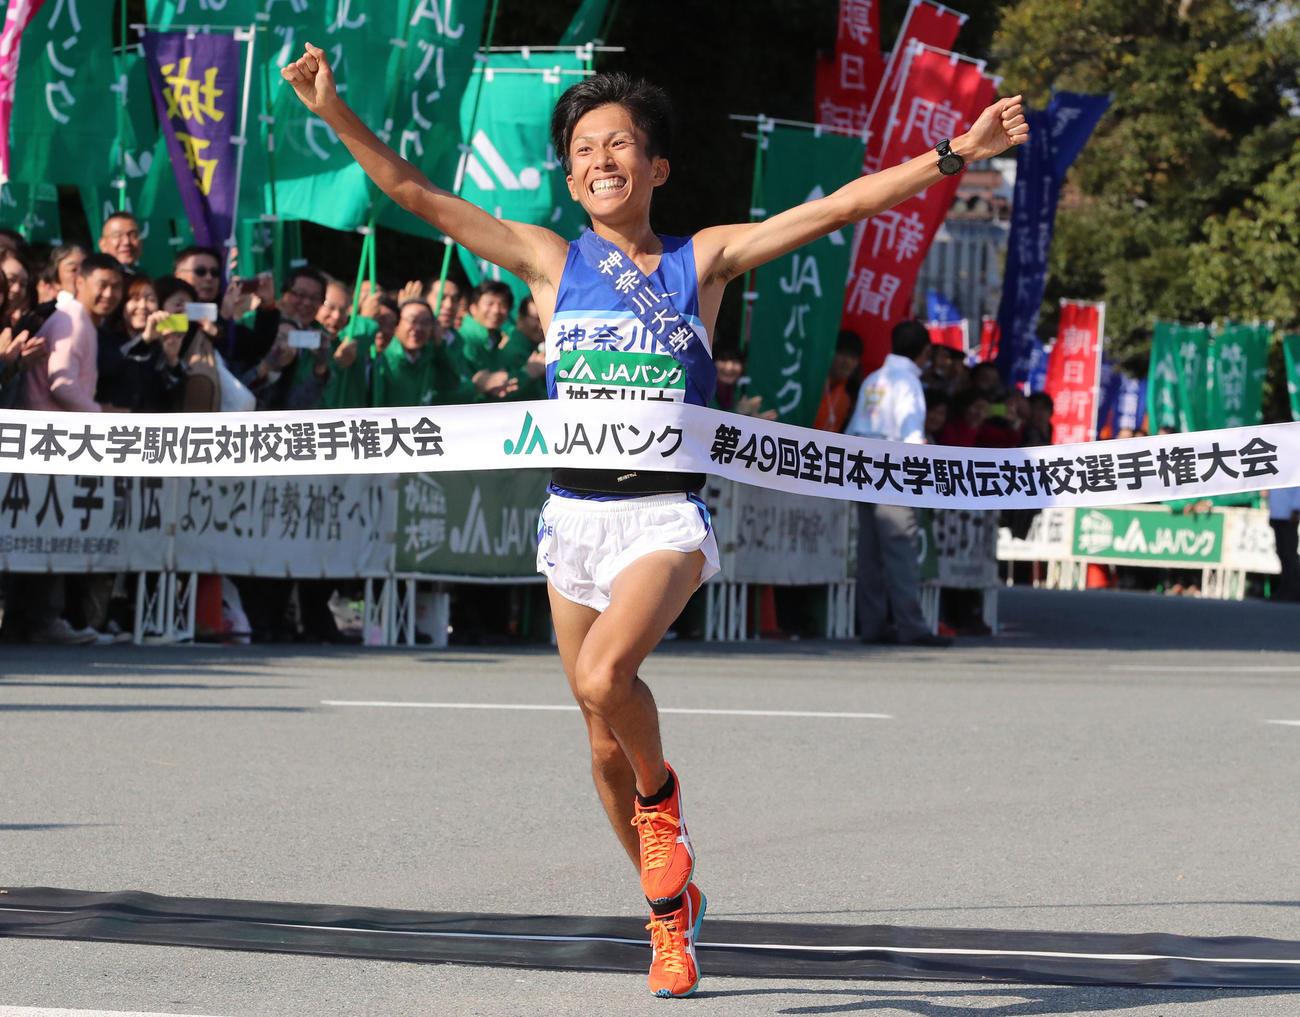 17年11月、両手を広げ全日本大学駅伝優勝のゴールテープを切る神奈川大・鈴木健吾